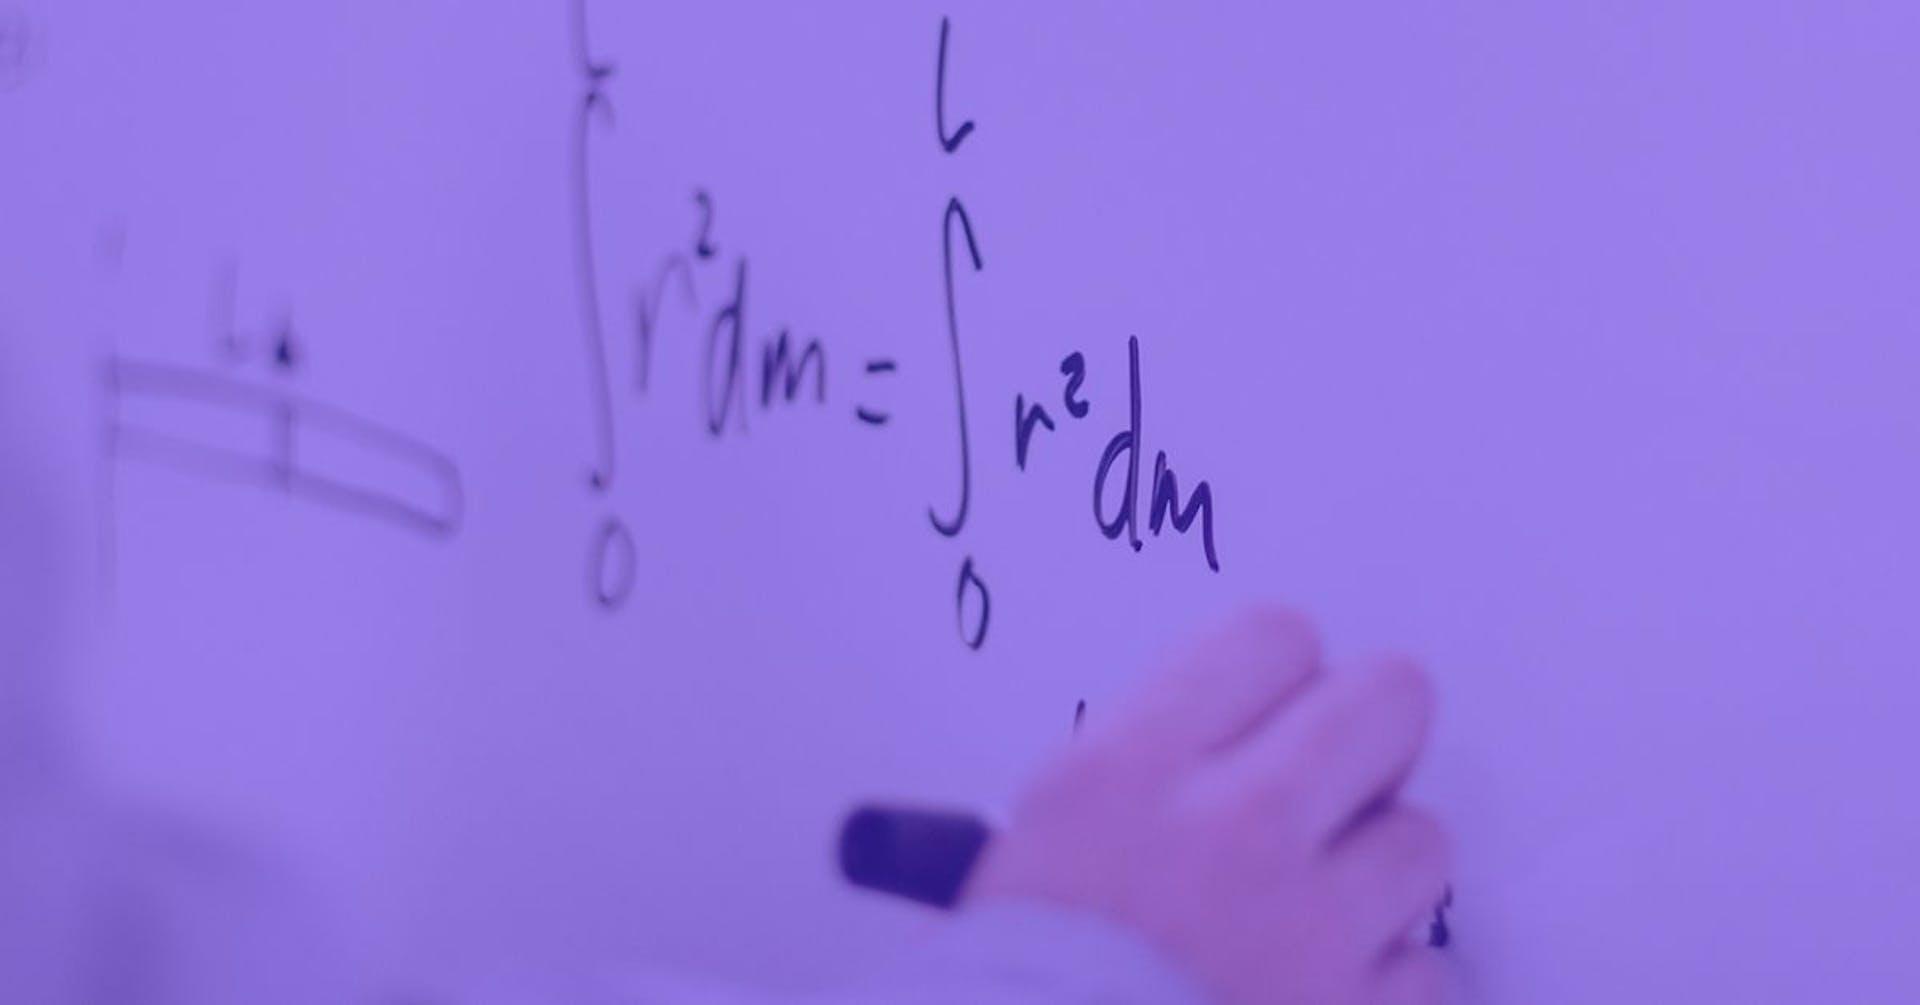 10 mejores apps para aprender matemáticas que te ayudarán a desarrollarte mejor en los estudios y en el trabajo